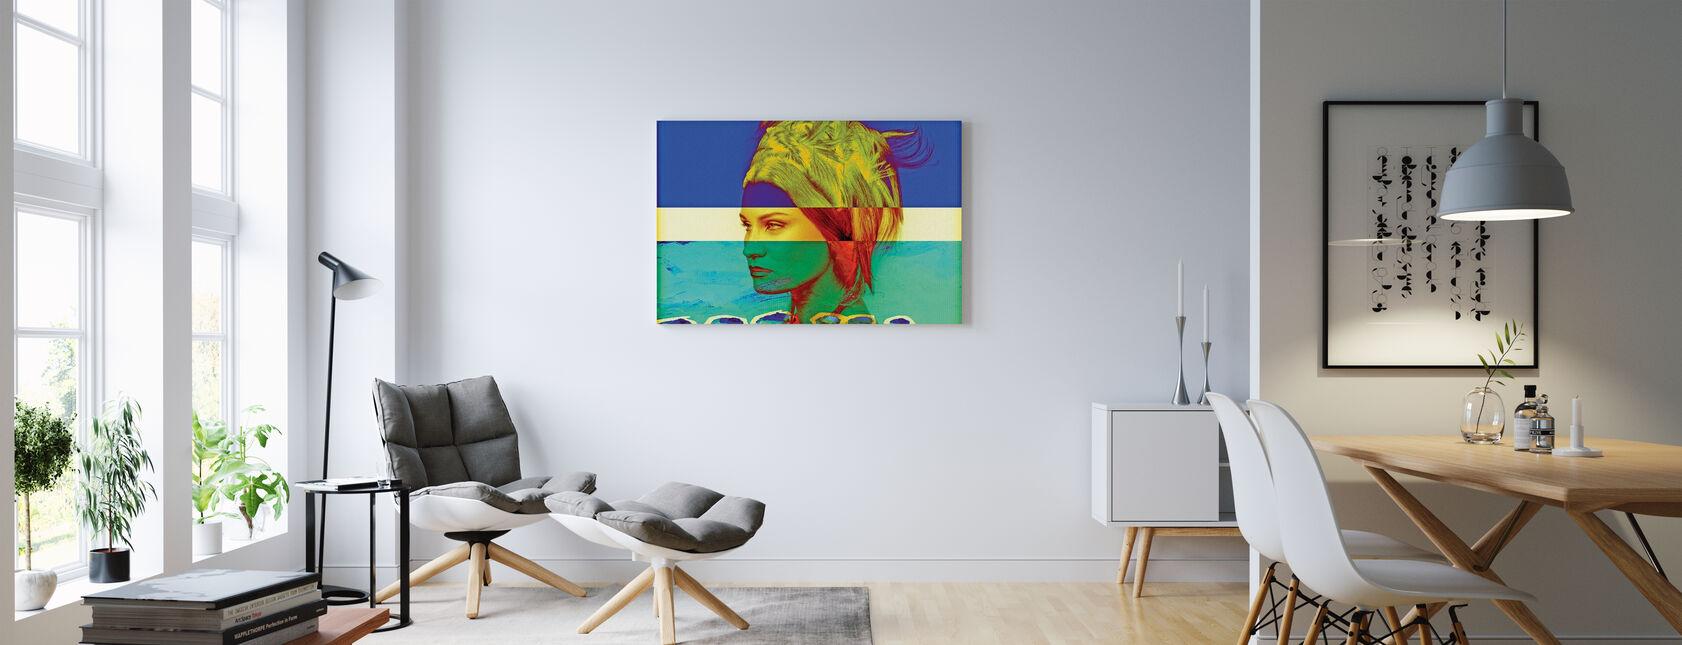 Zweedse vlag - Canvas print - Woonkamer